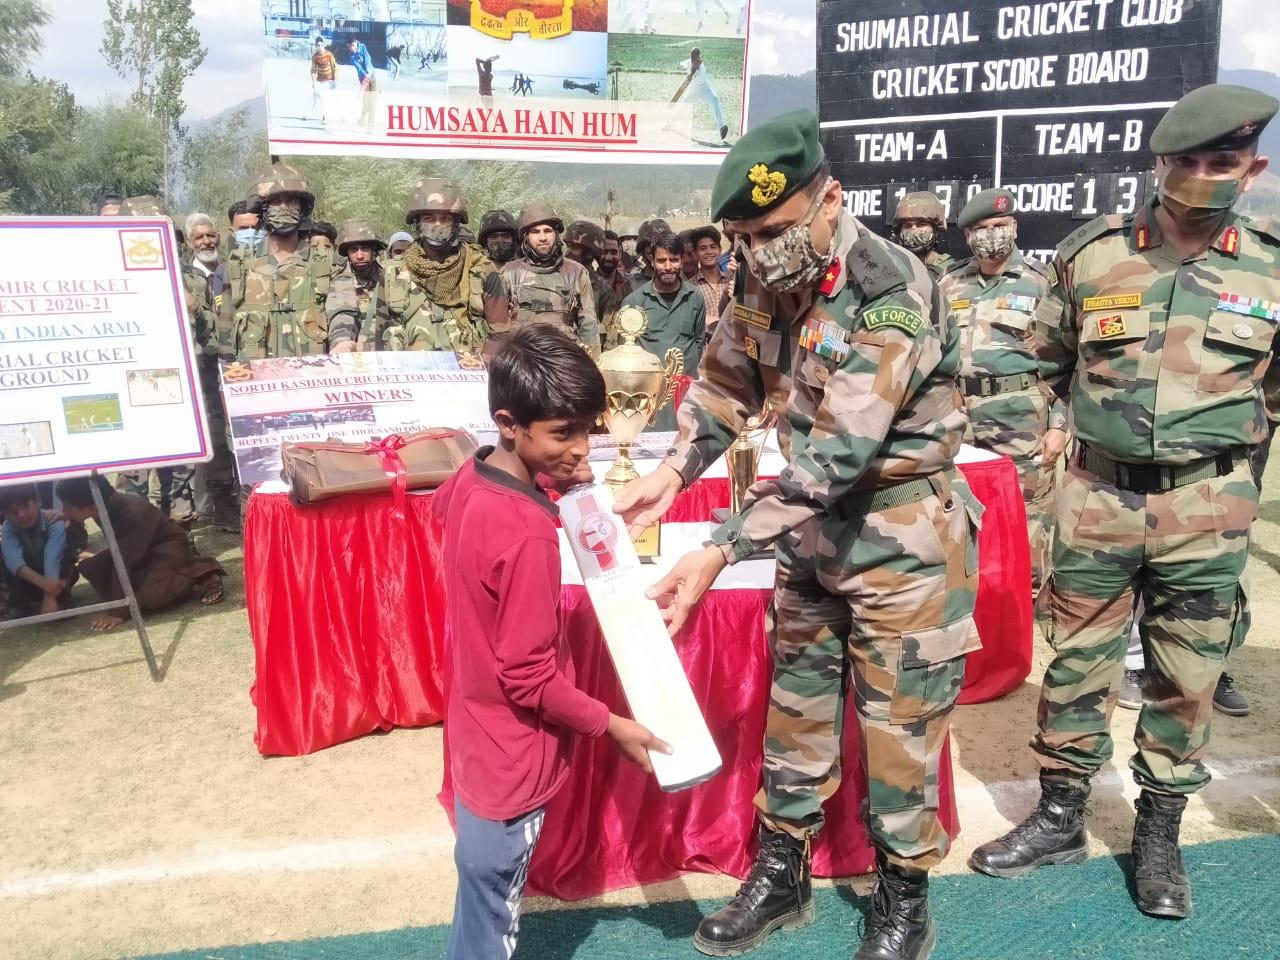 सेना के अधिकारियों ने ग्रामीणों के साथ उत्तरी कश्मीर क्रिकेट टूर्नामेंट का आयोजन किया